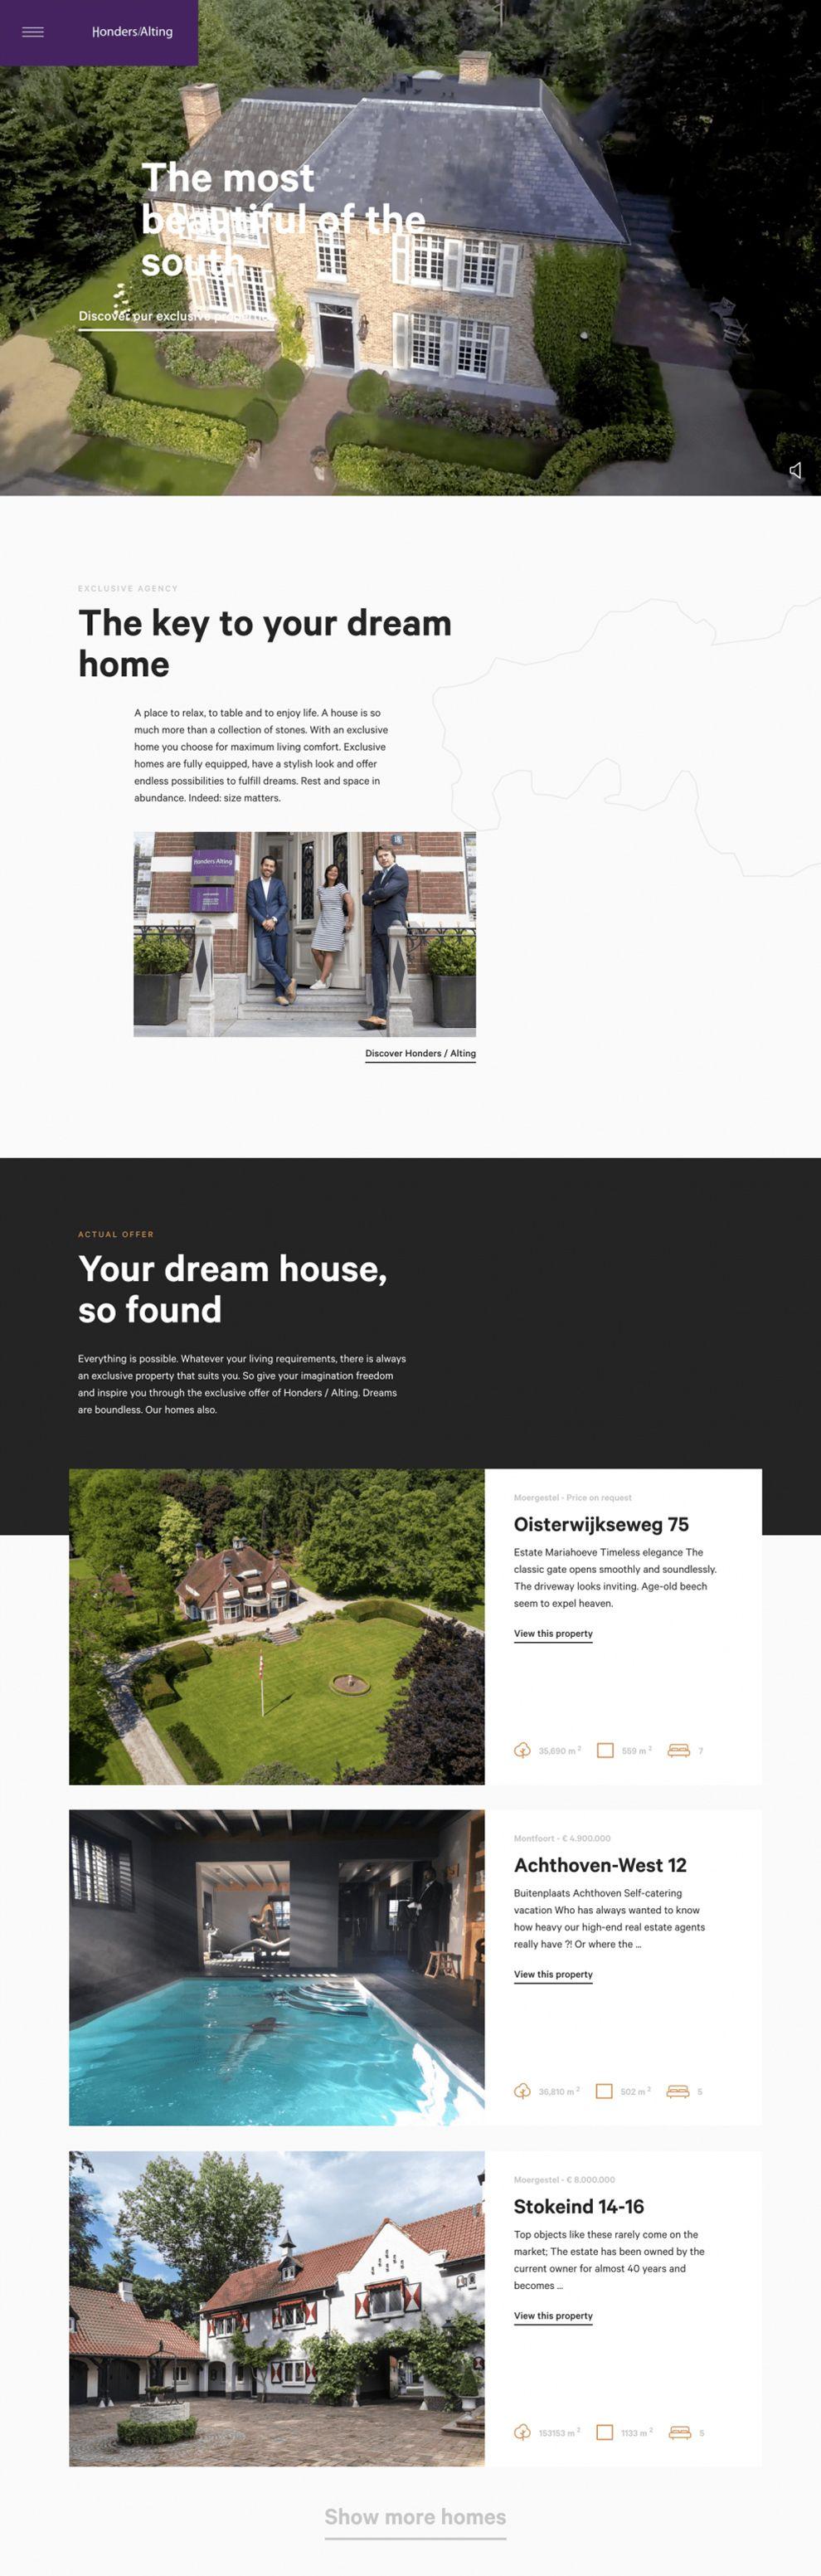 Honders Alting Professional Homepage